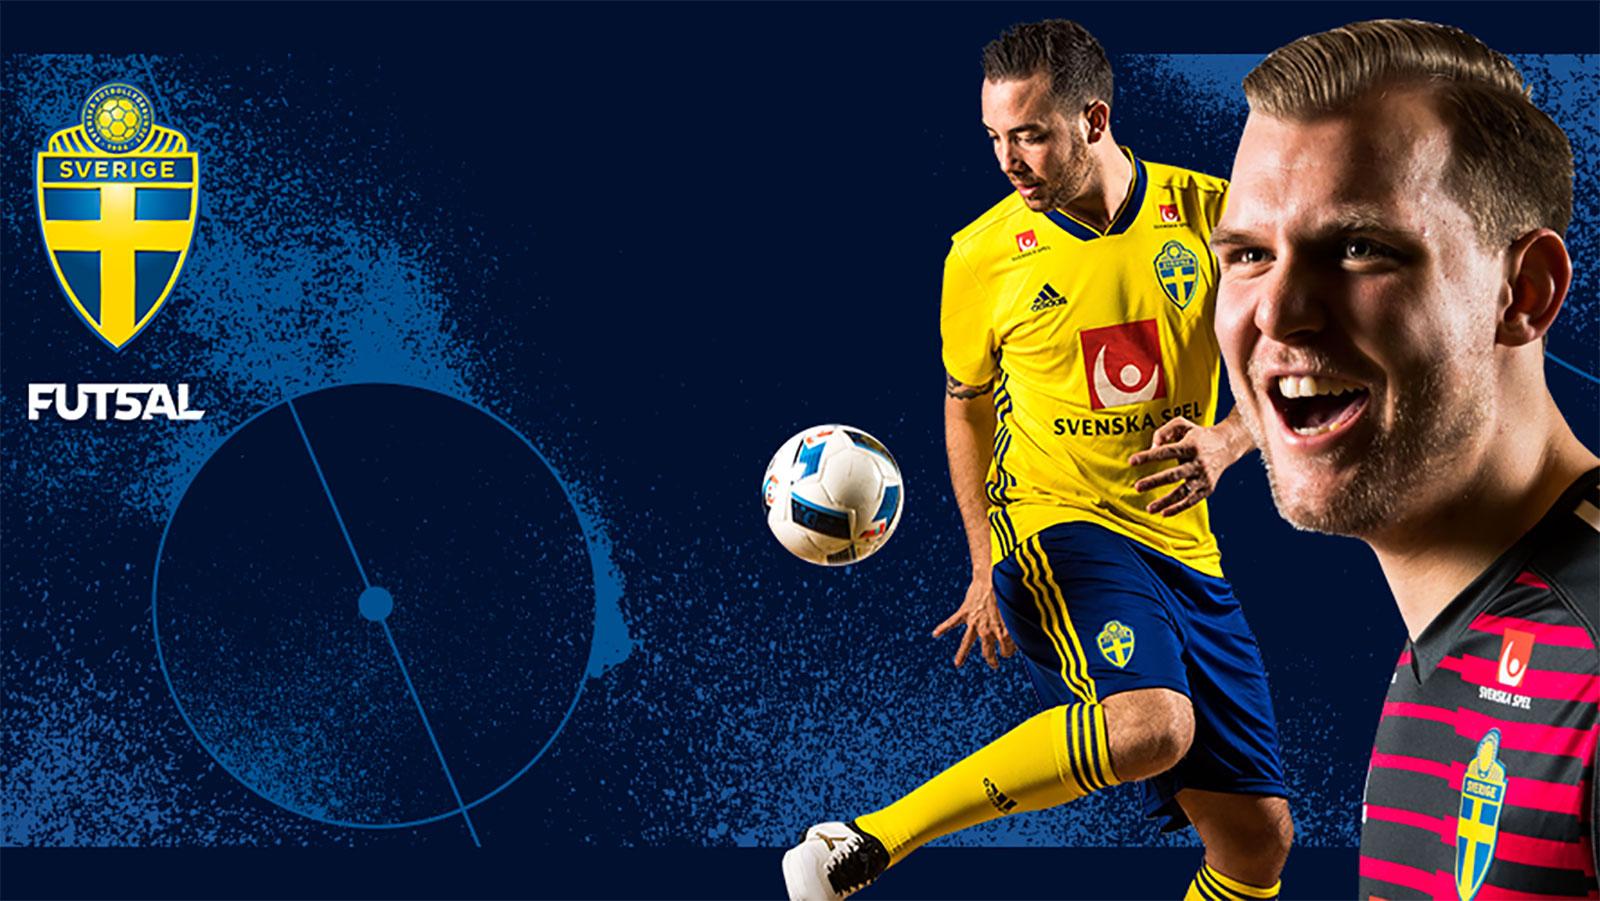 svensk fotbollsspelare trixar med en fotboll